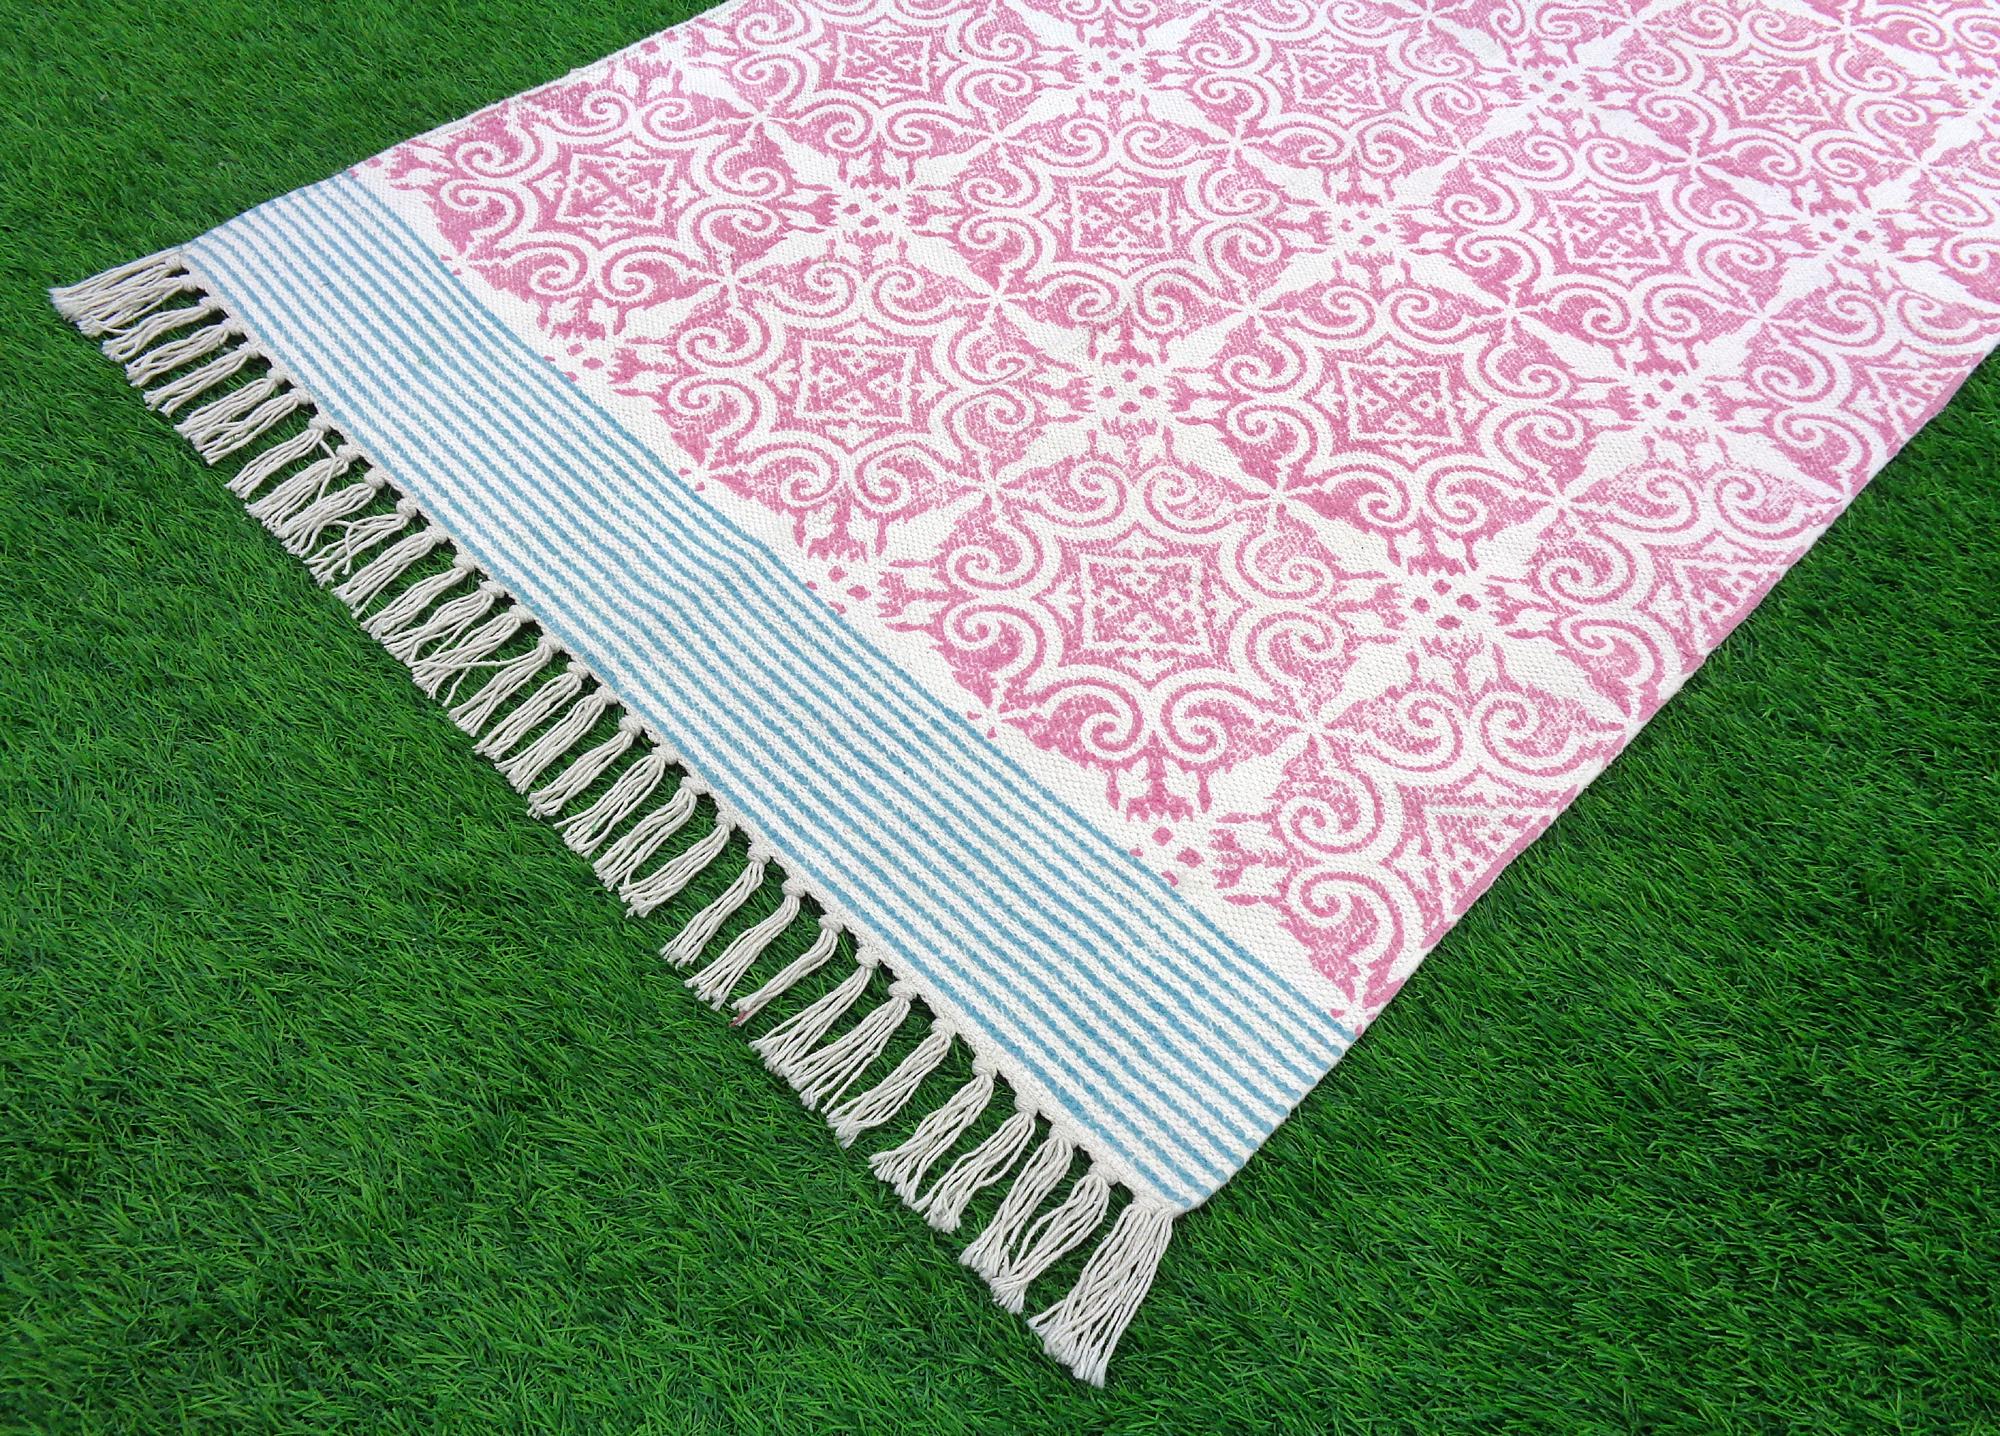 Reversible Printed Rugs